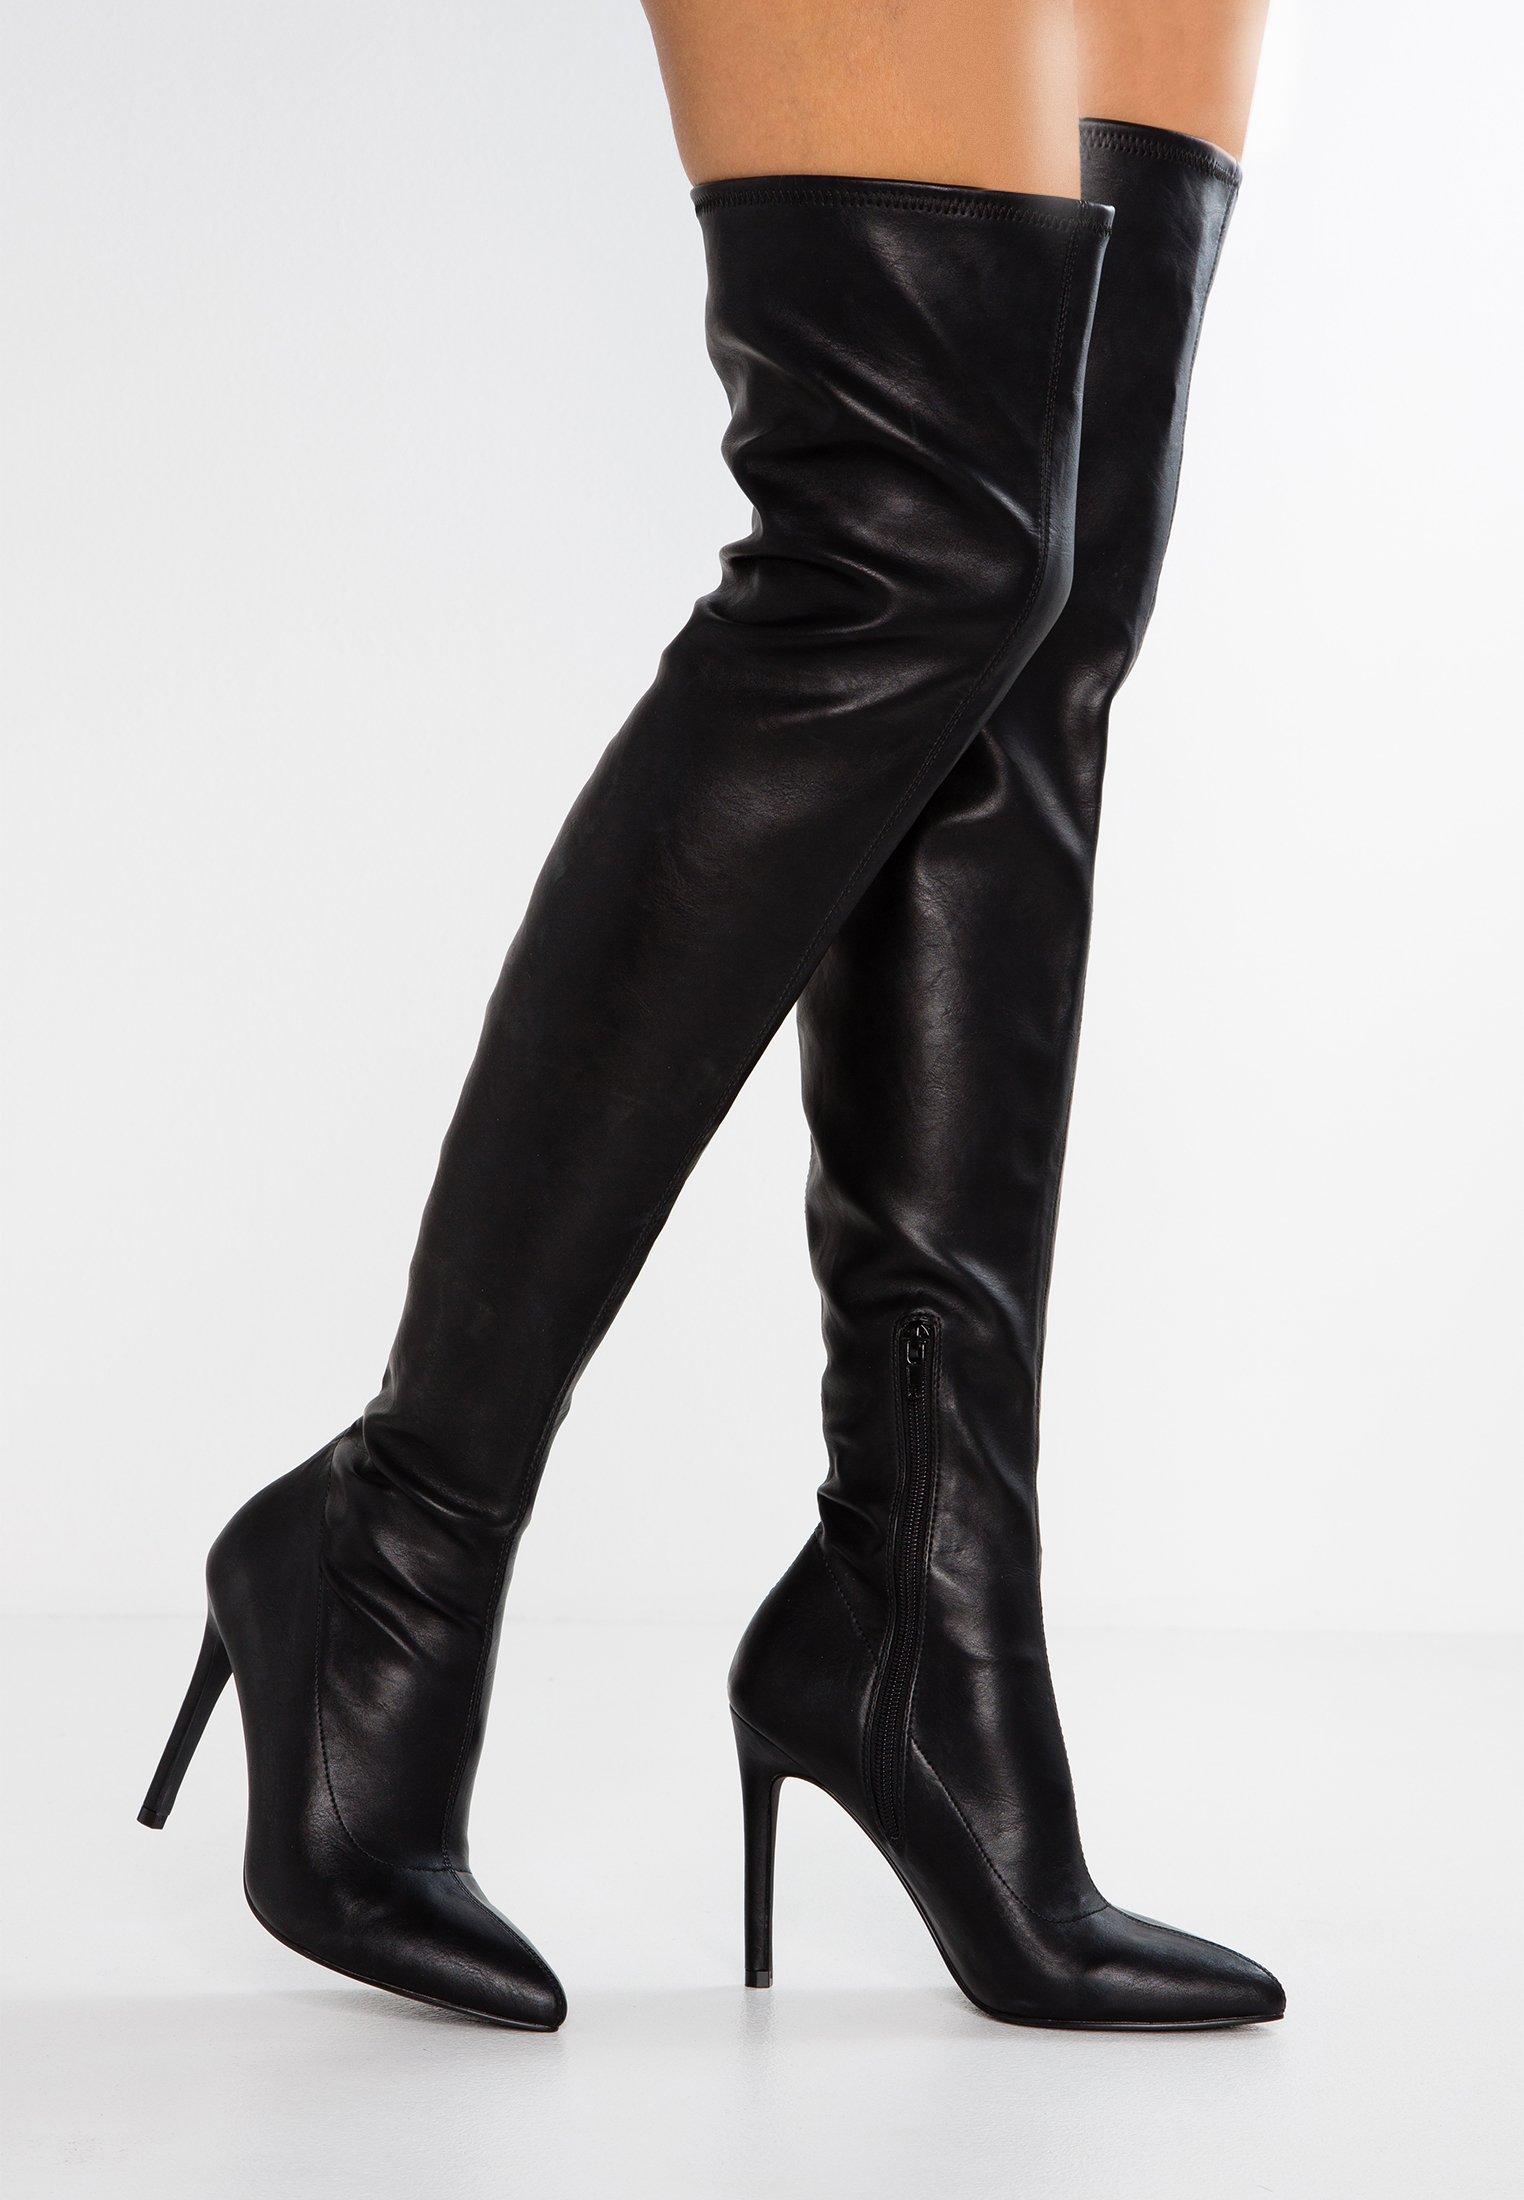 Stivali Donna Invernali Stivali Donna con Tacco Stivali